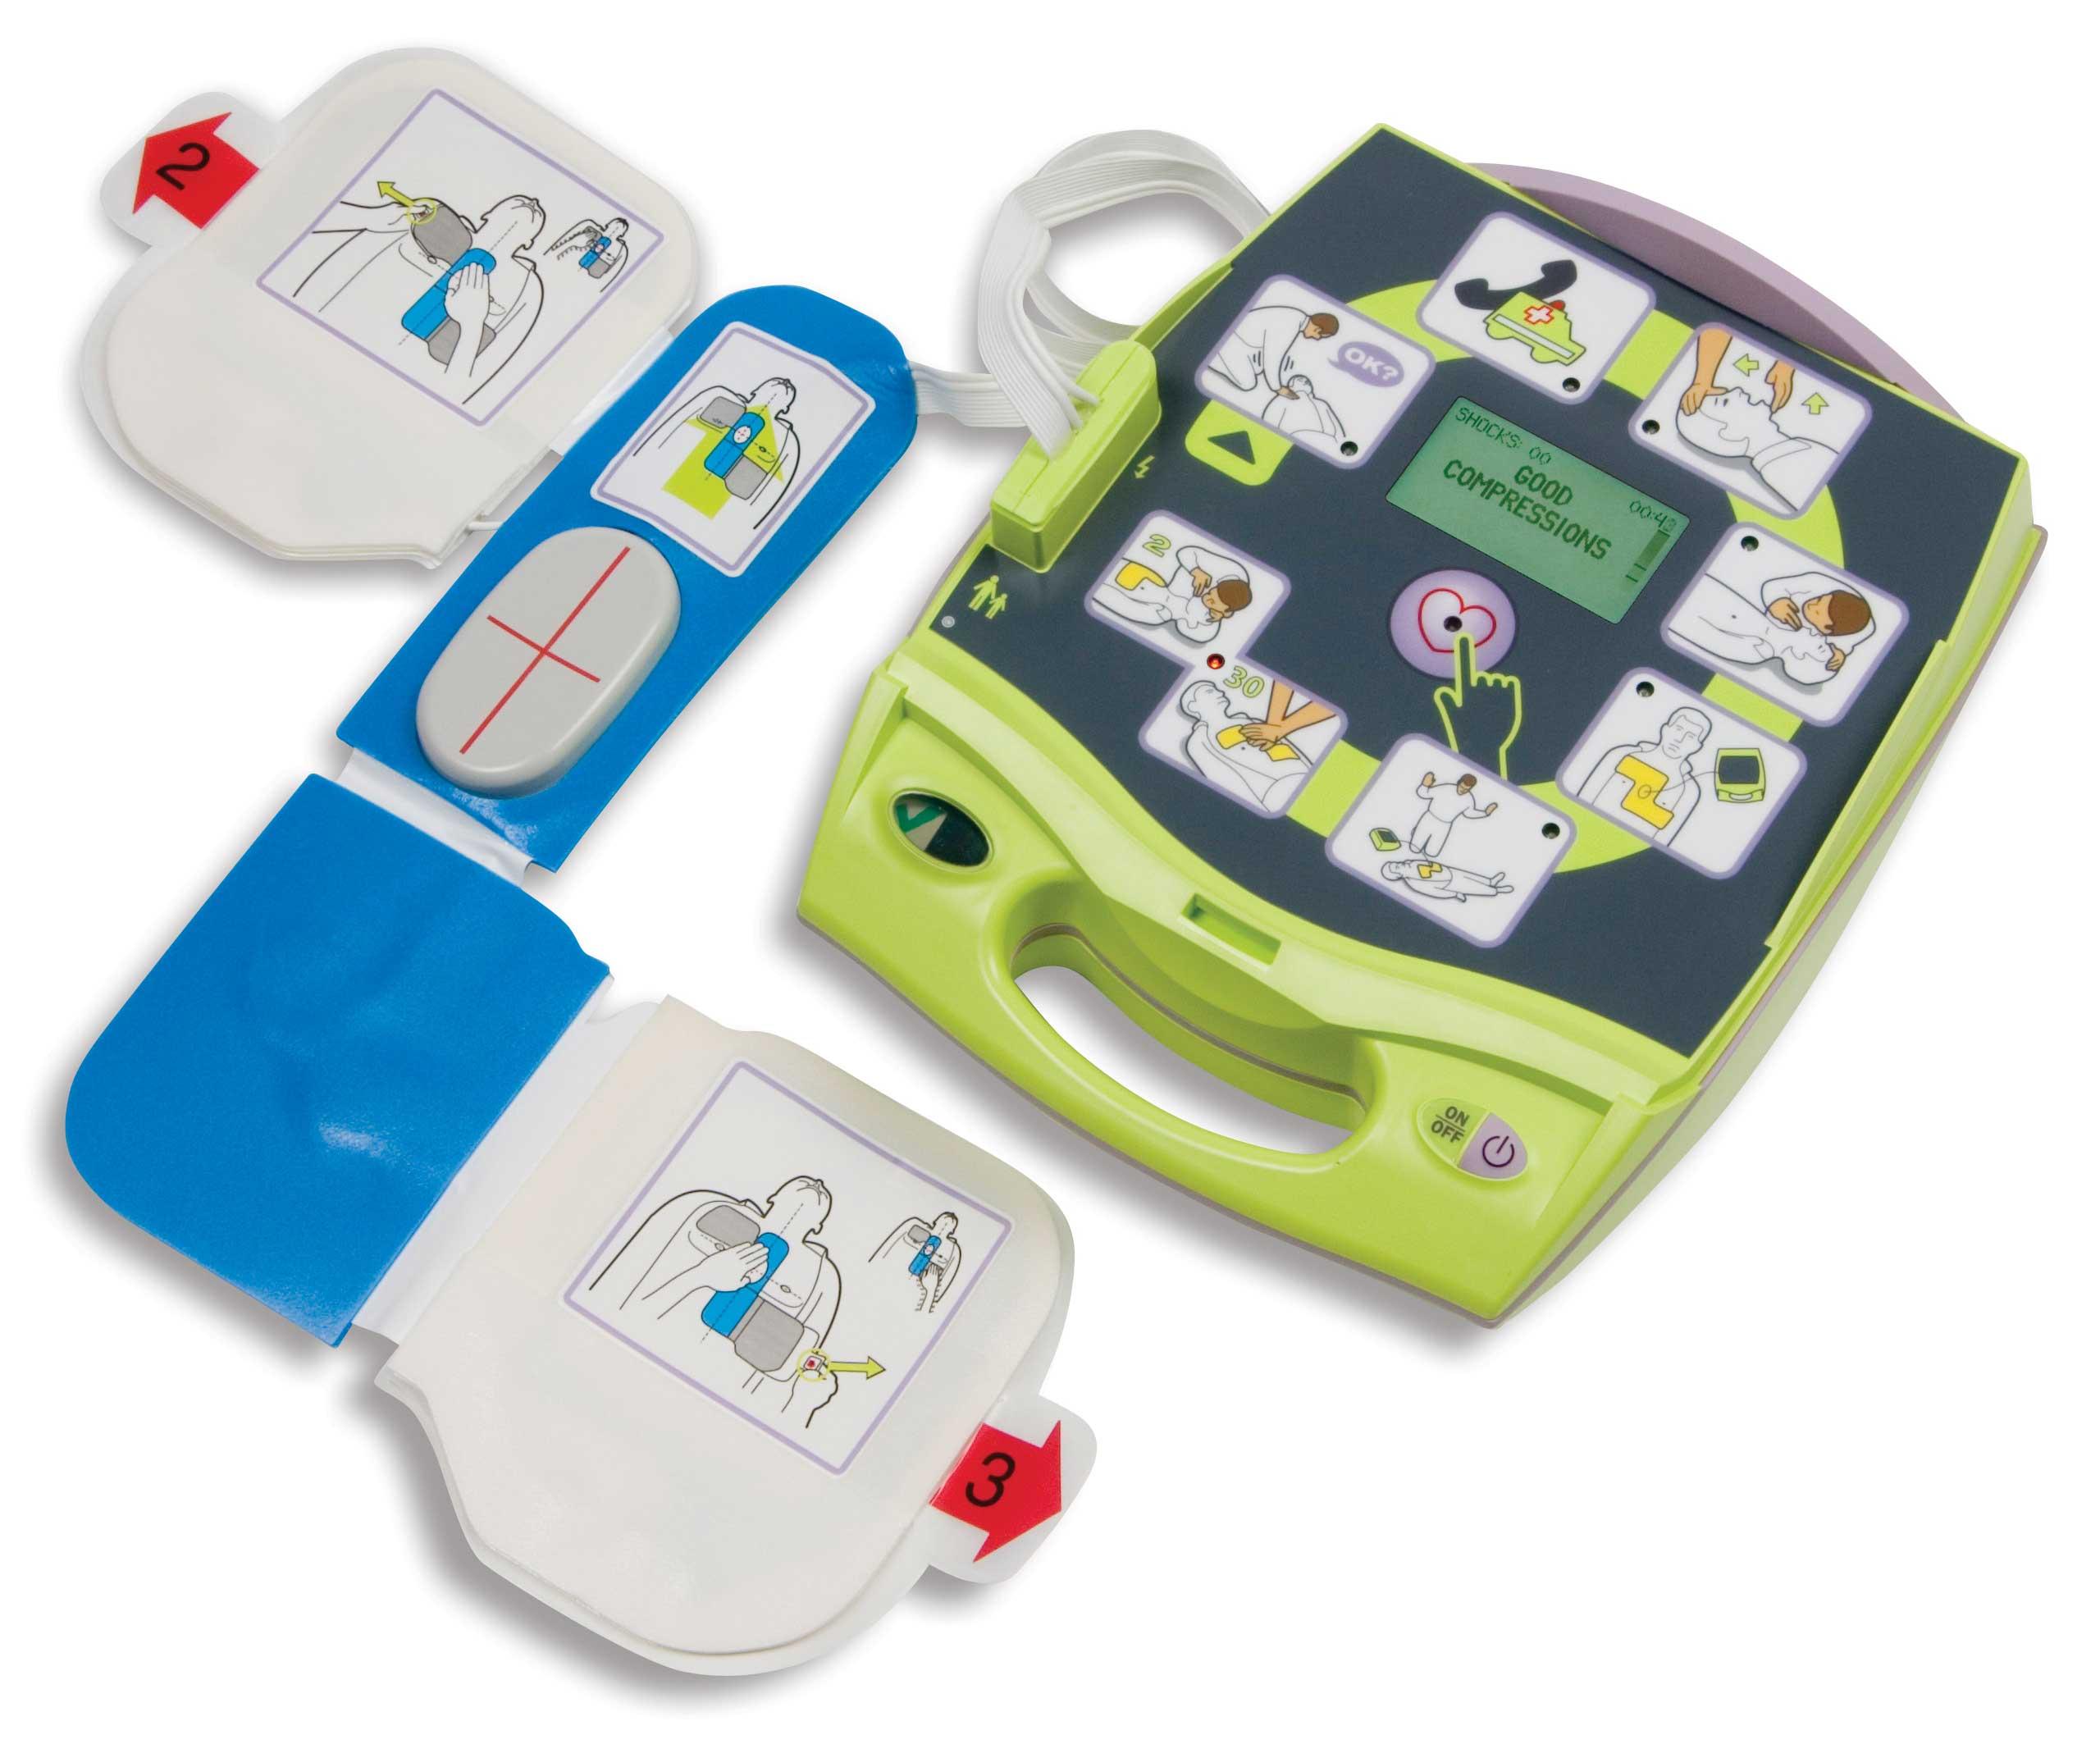 aed plus defibrilator